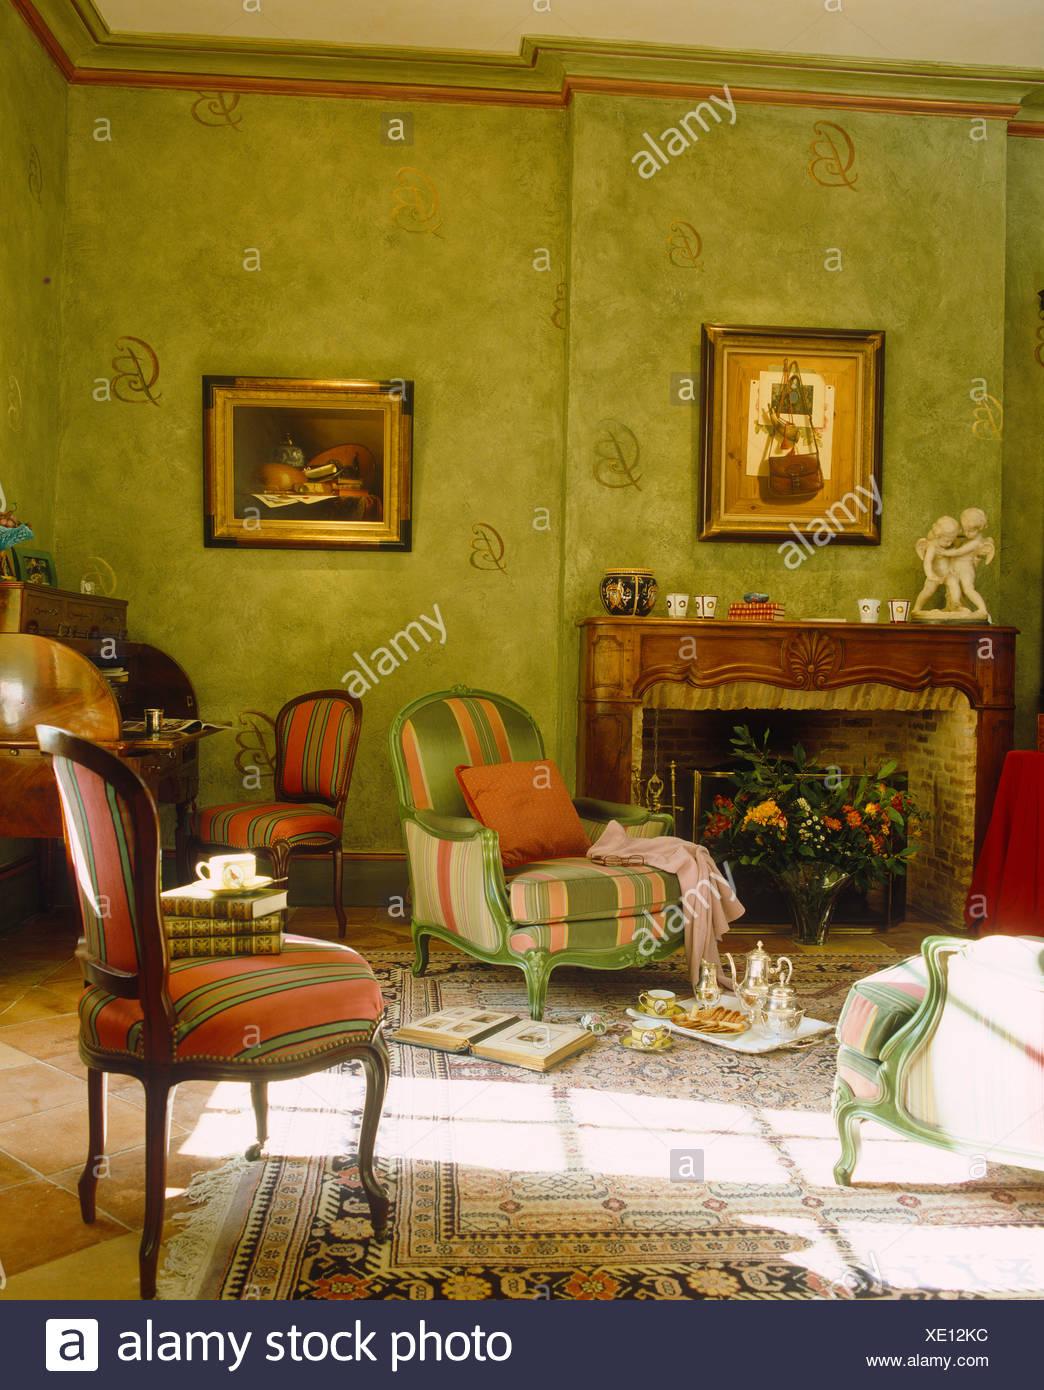 Rot + grün gestreifte gepolsterte Stühle im sonnigen grünes Land ...